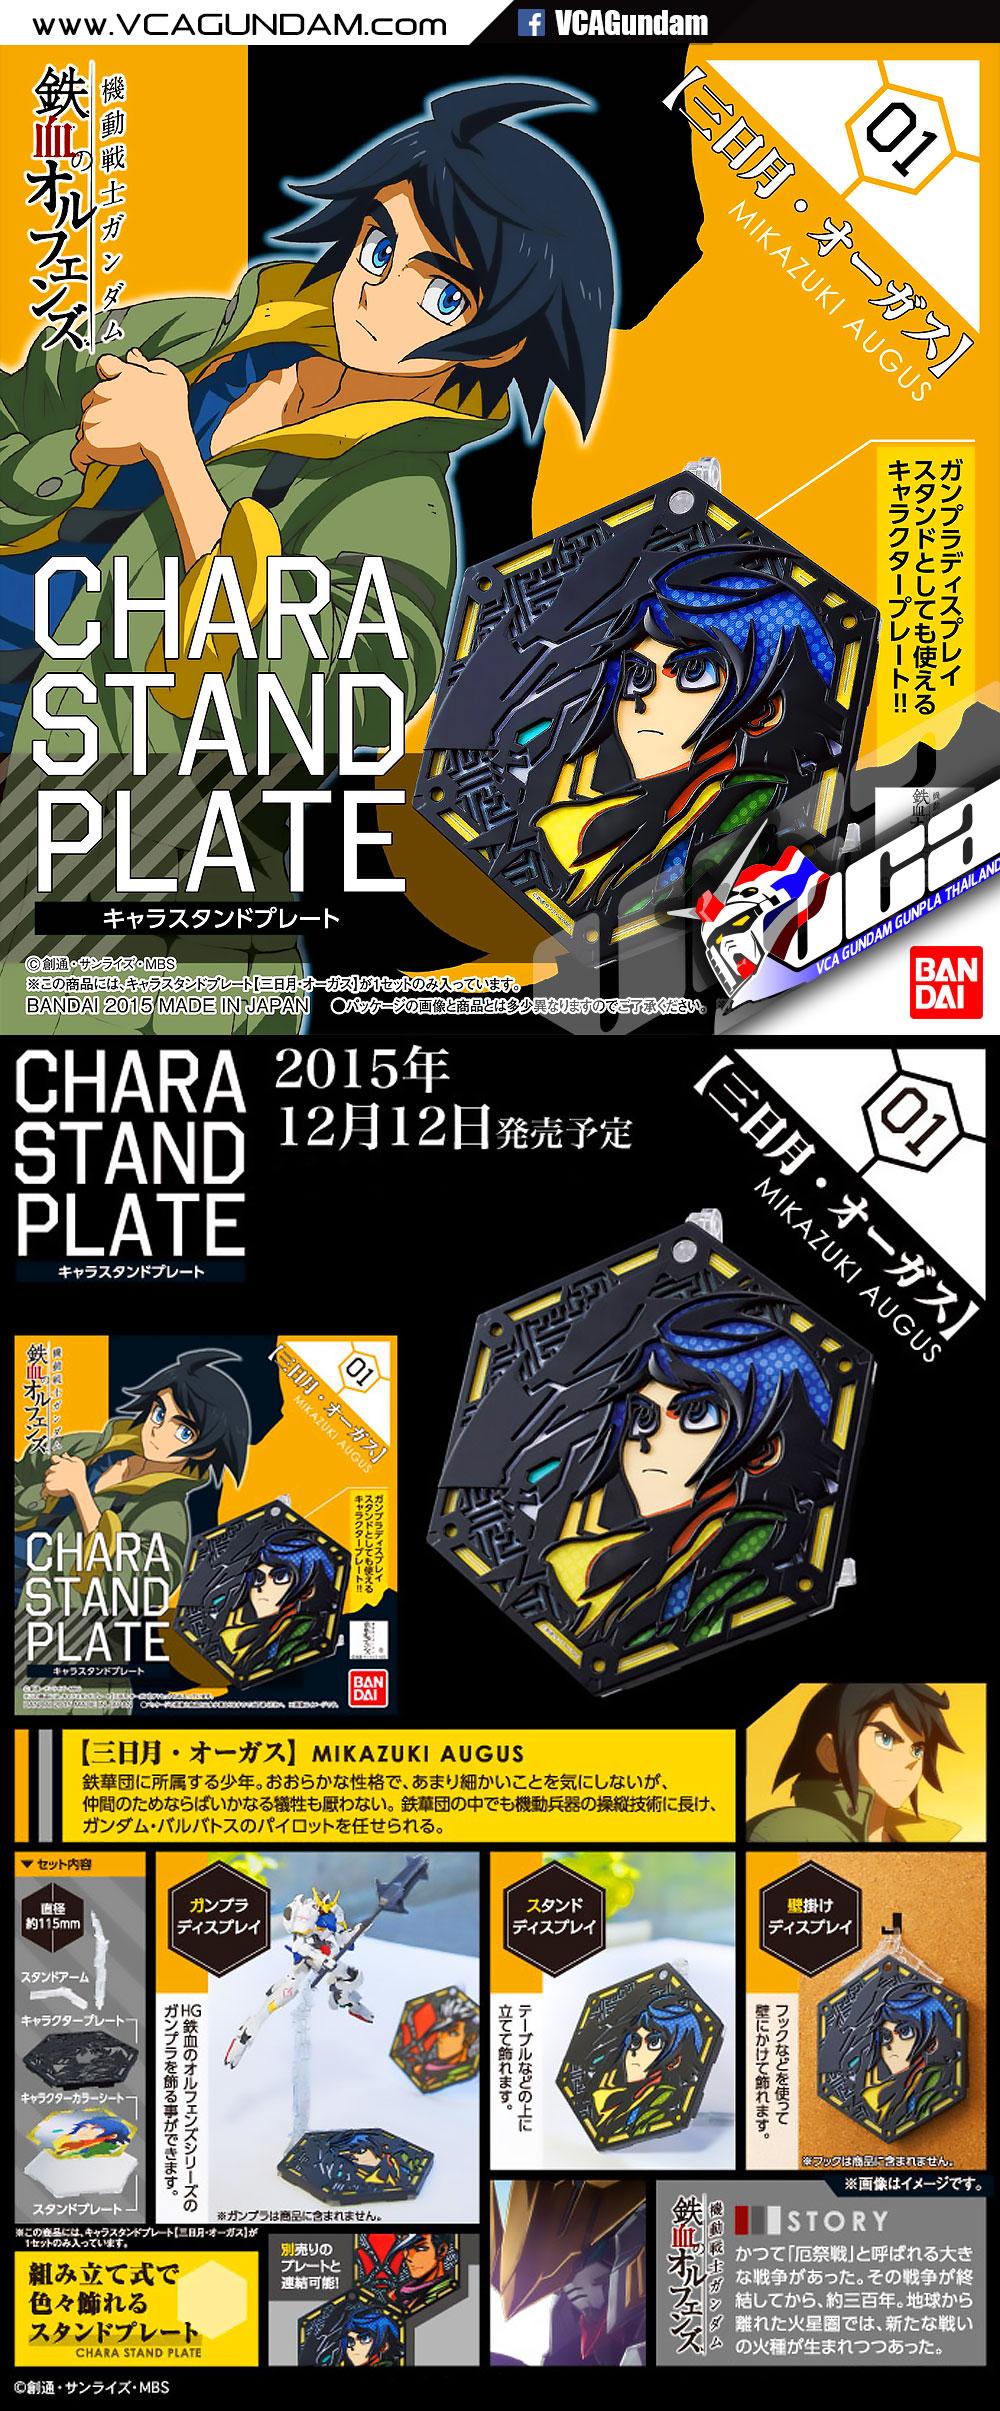 CHARA STAND PLATE MIKAZUKI AUGUS